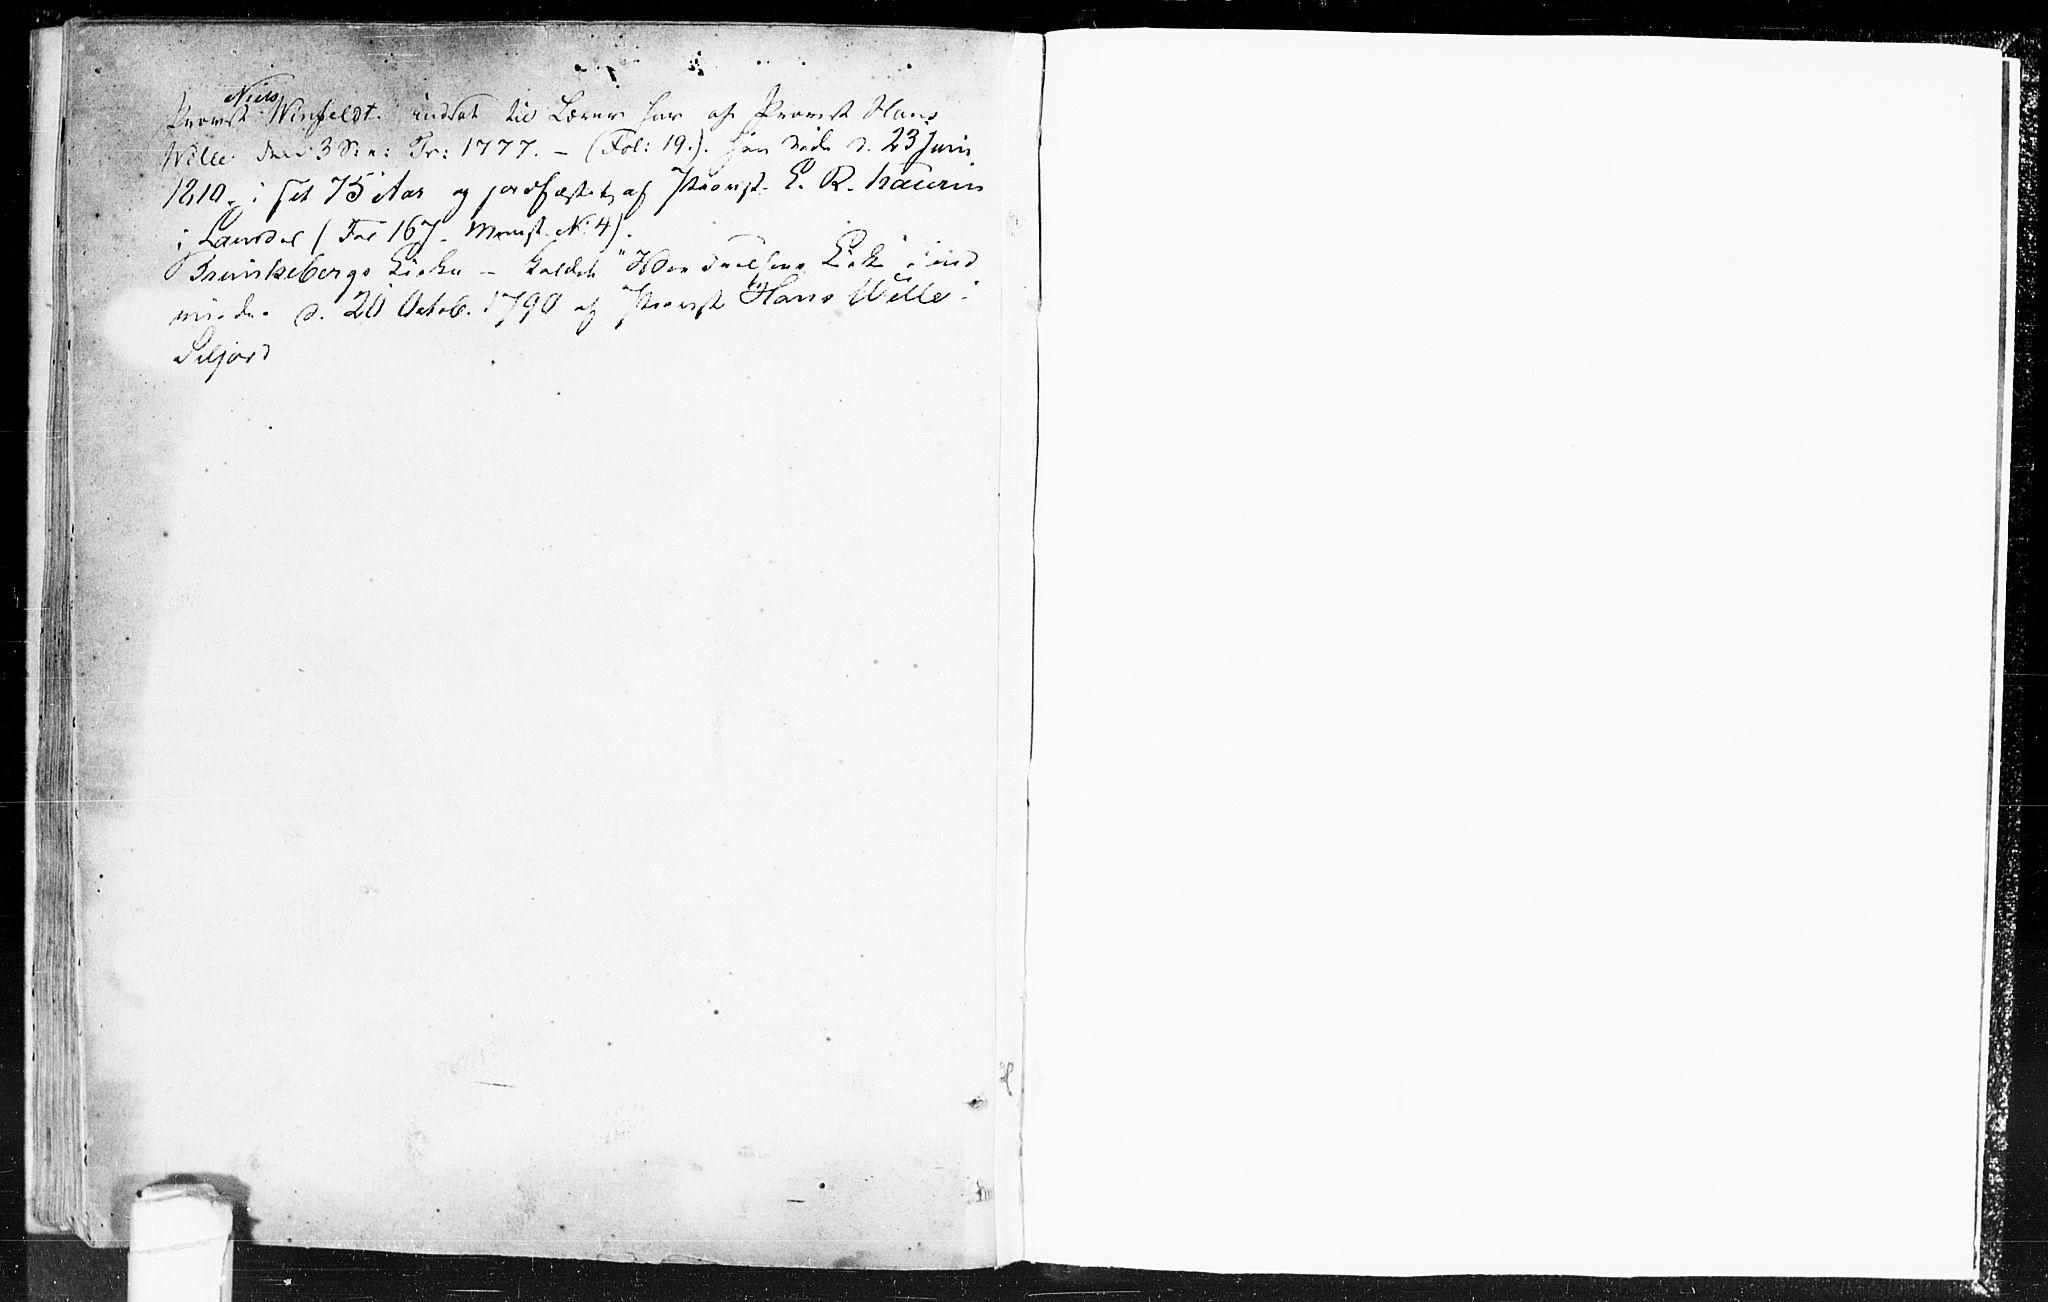 SAKO, Kviteseid kirkebøker, F/Fa/L0002: Ministerialbok nr. I 2, 1773-1786